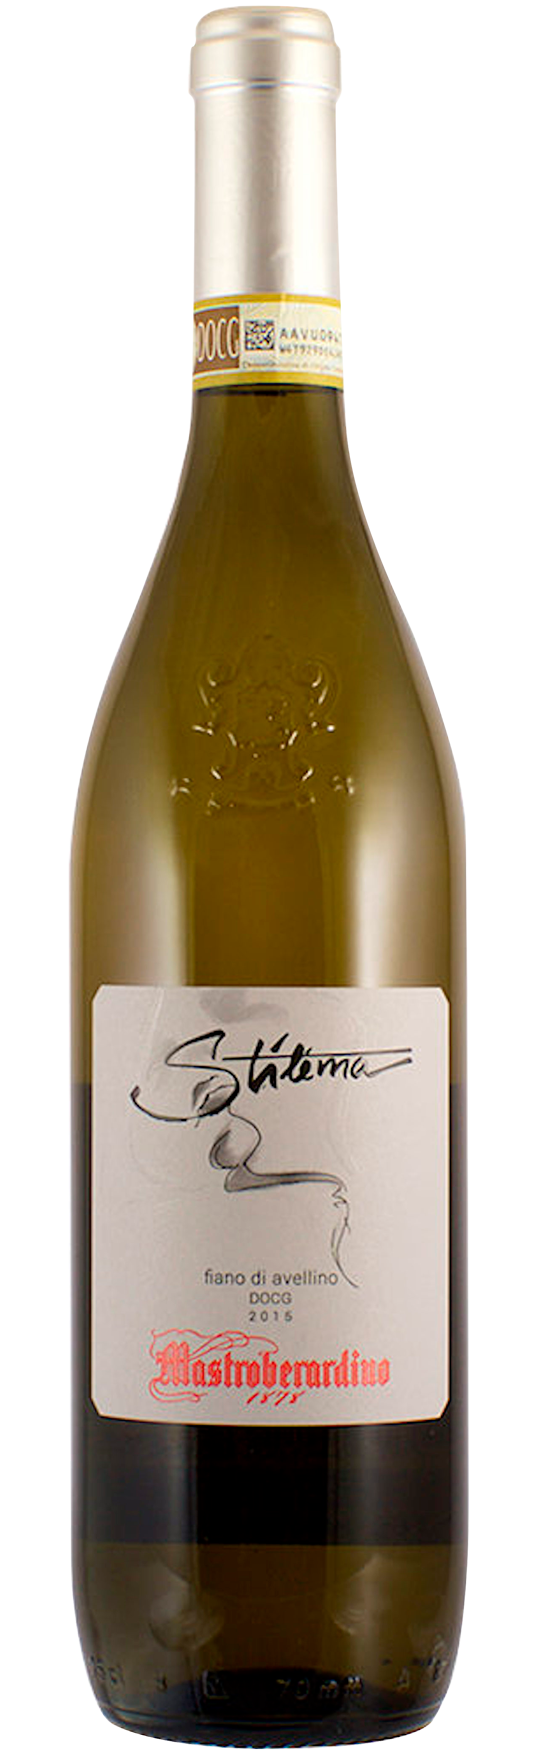 Stilema-Fiano-di-Avellino-2015-DOCG-(2)